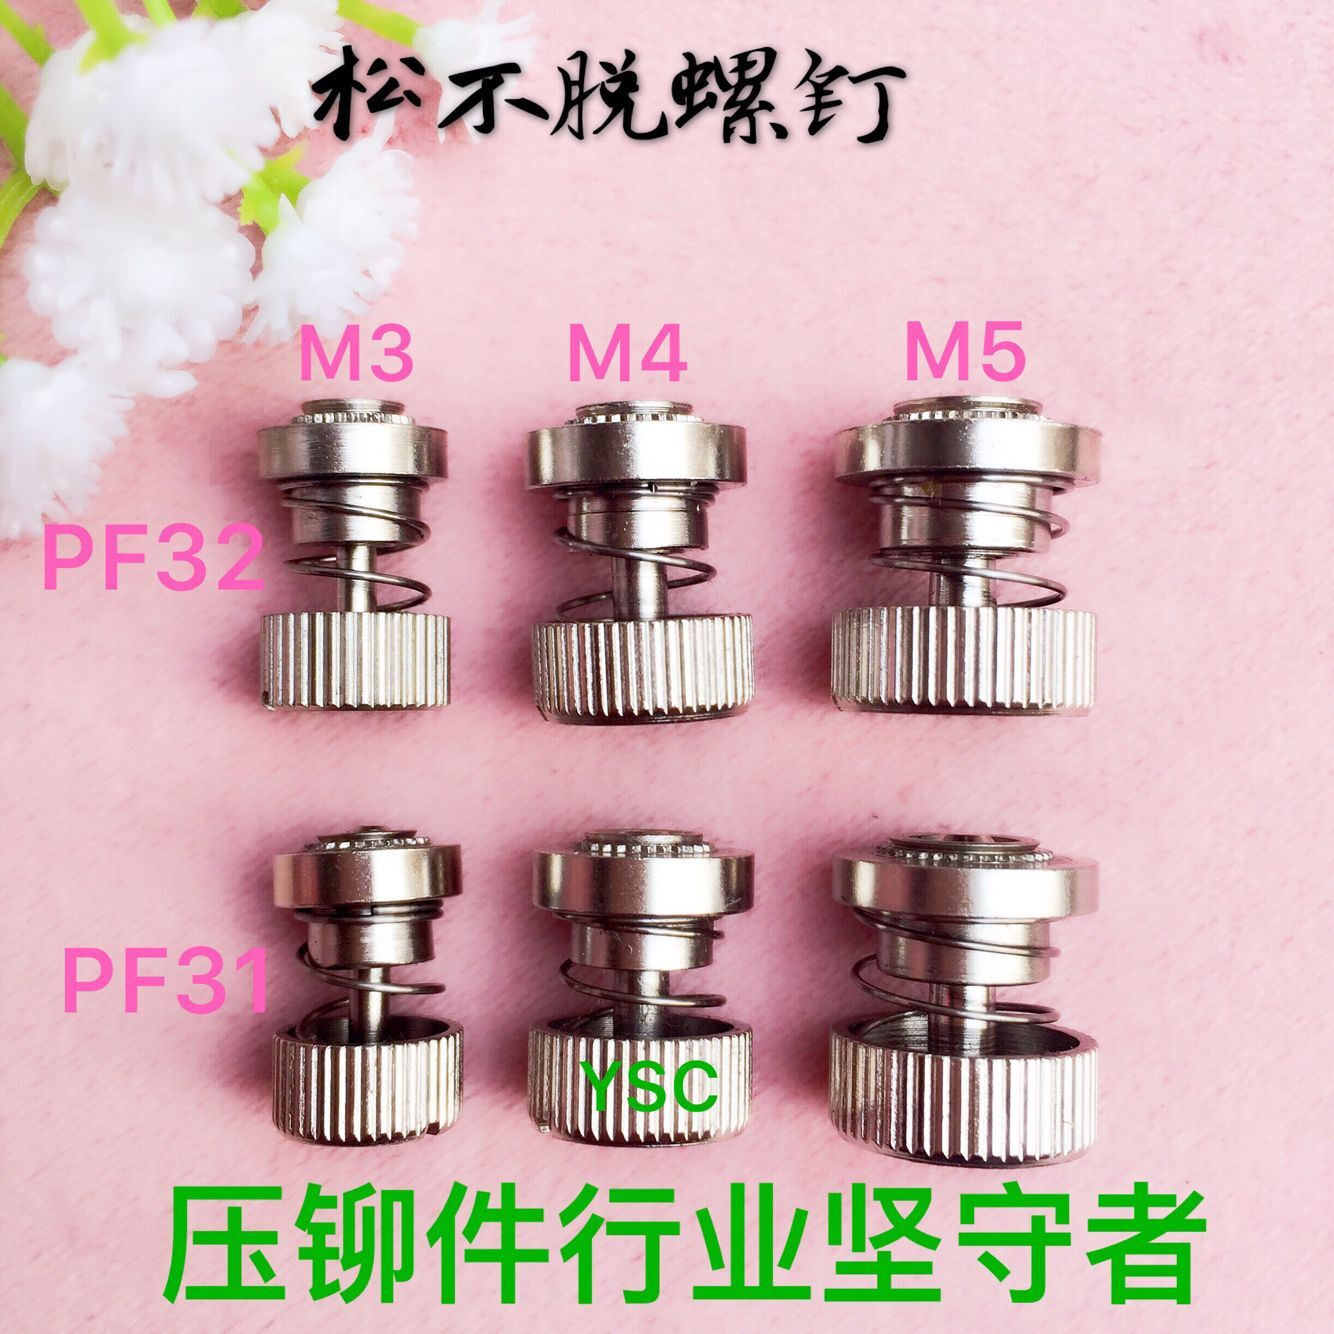 外弹簧PF31 PF32外弹簧螺丝 服务器螺丝 手拧紧固组合螺钉